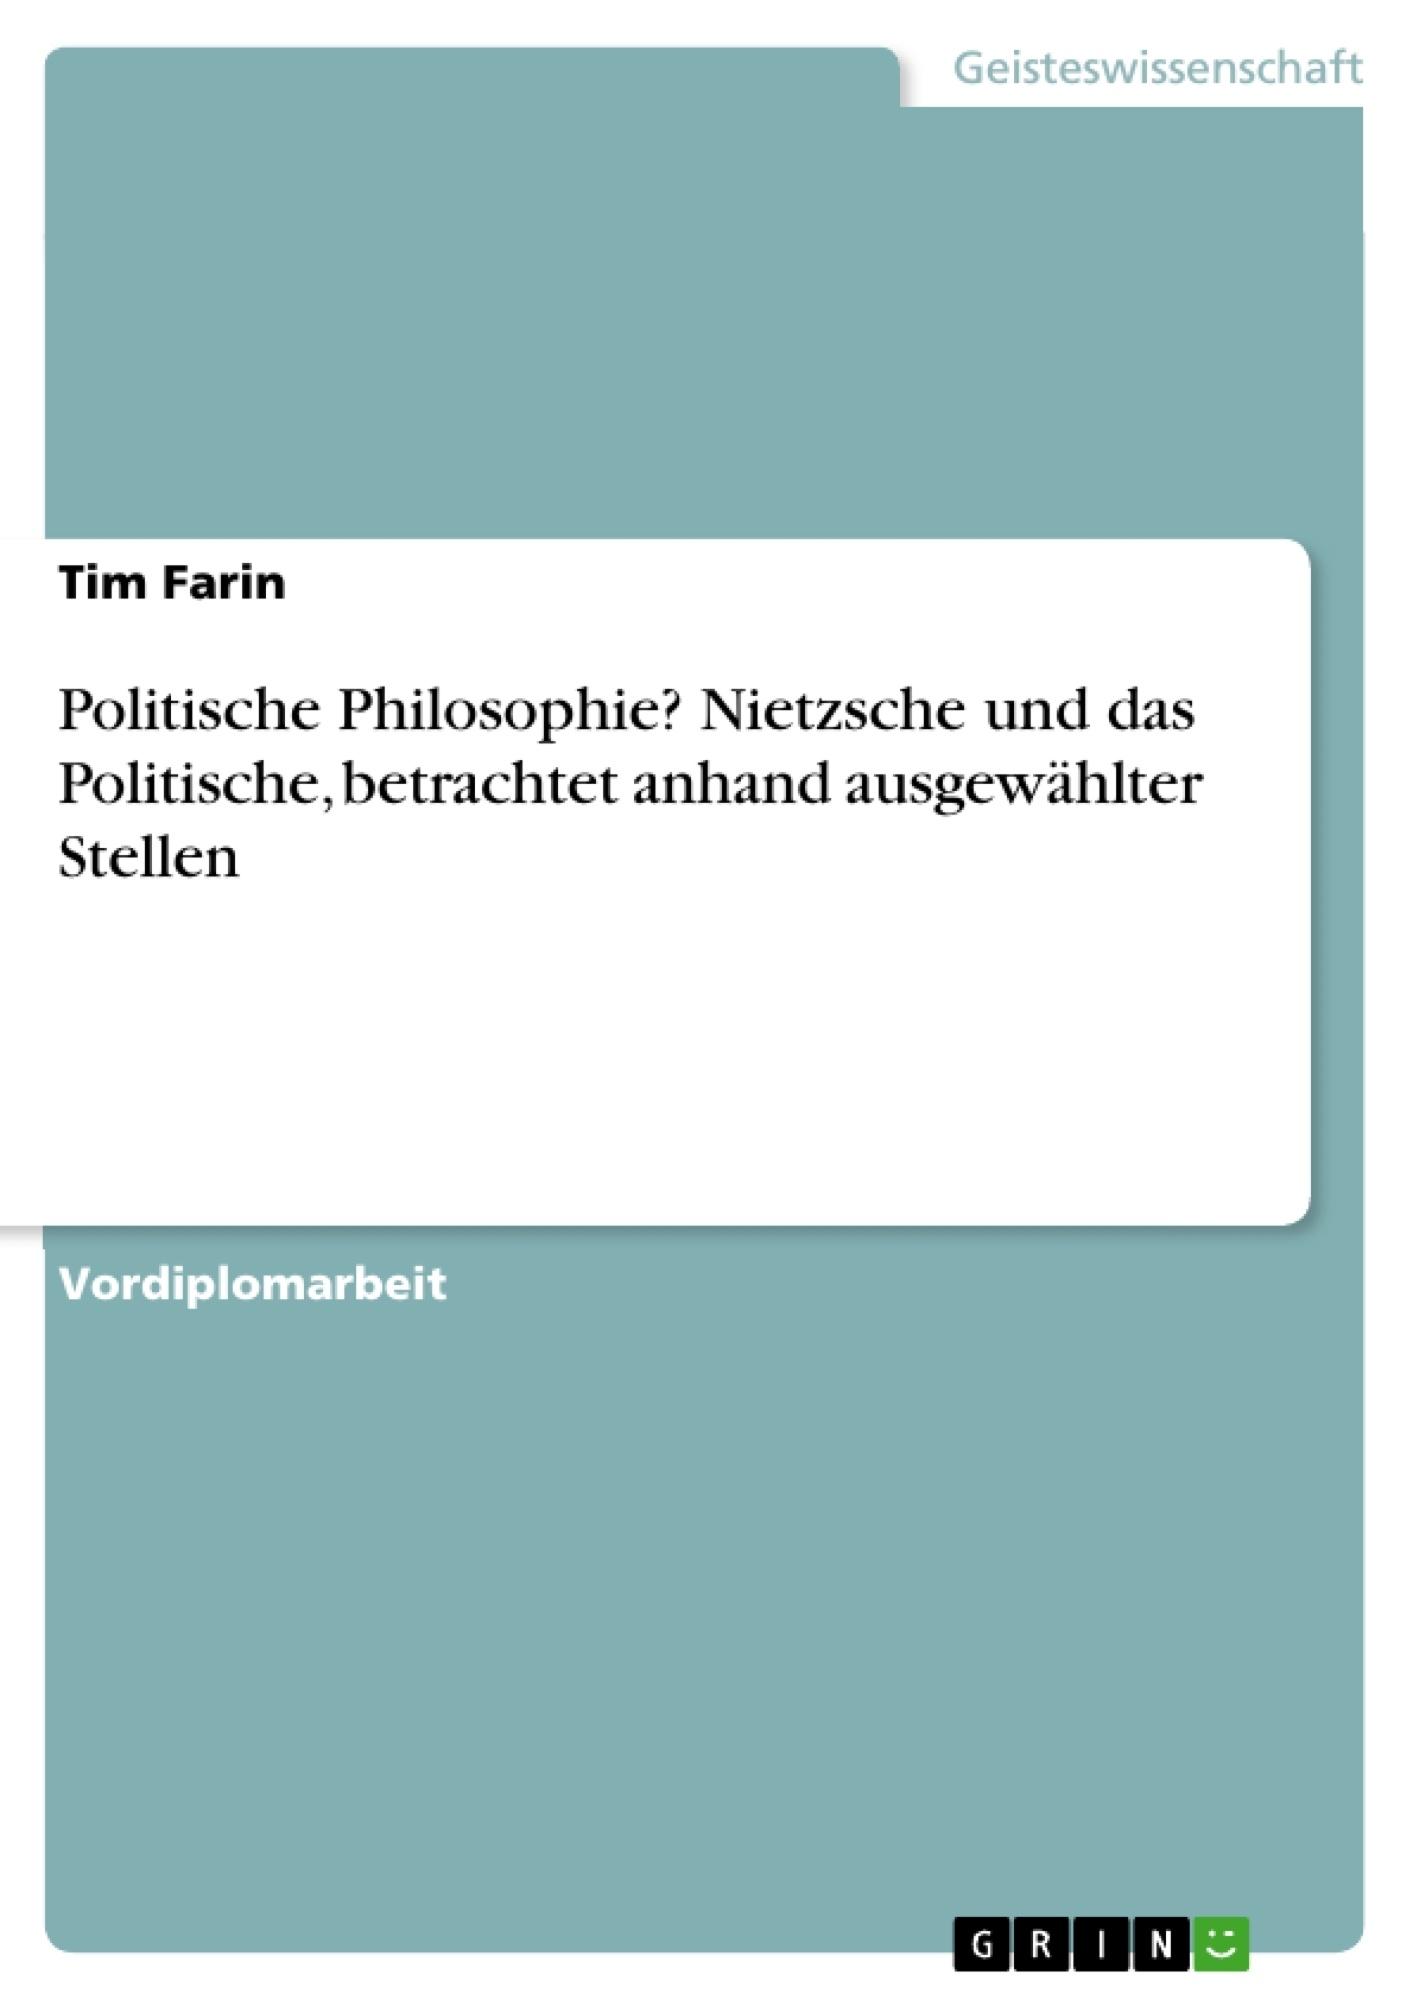 Titel: Politische Philosophie? Nietzsche und das Politische, betrachtet anhand ausgewählter Stellen